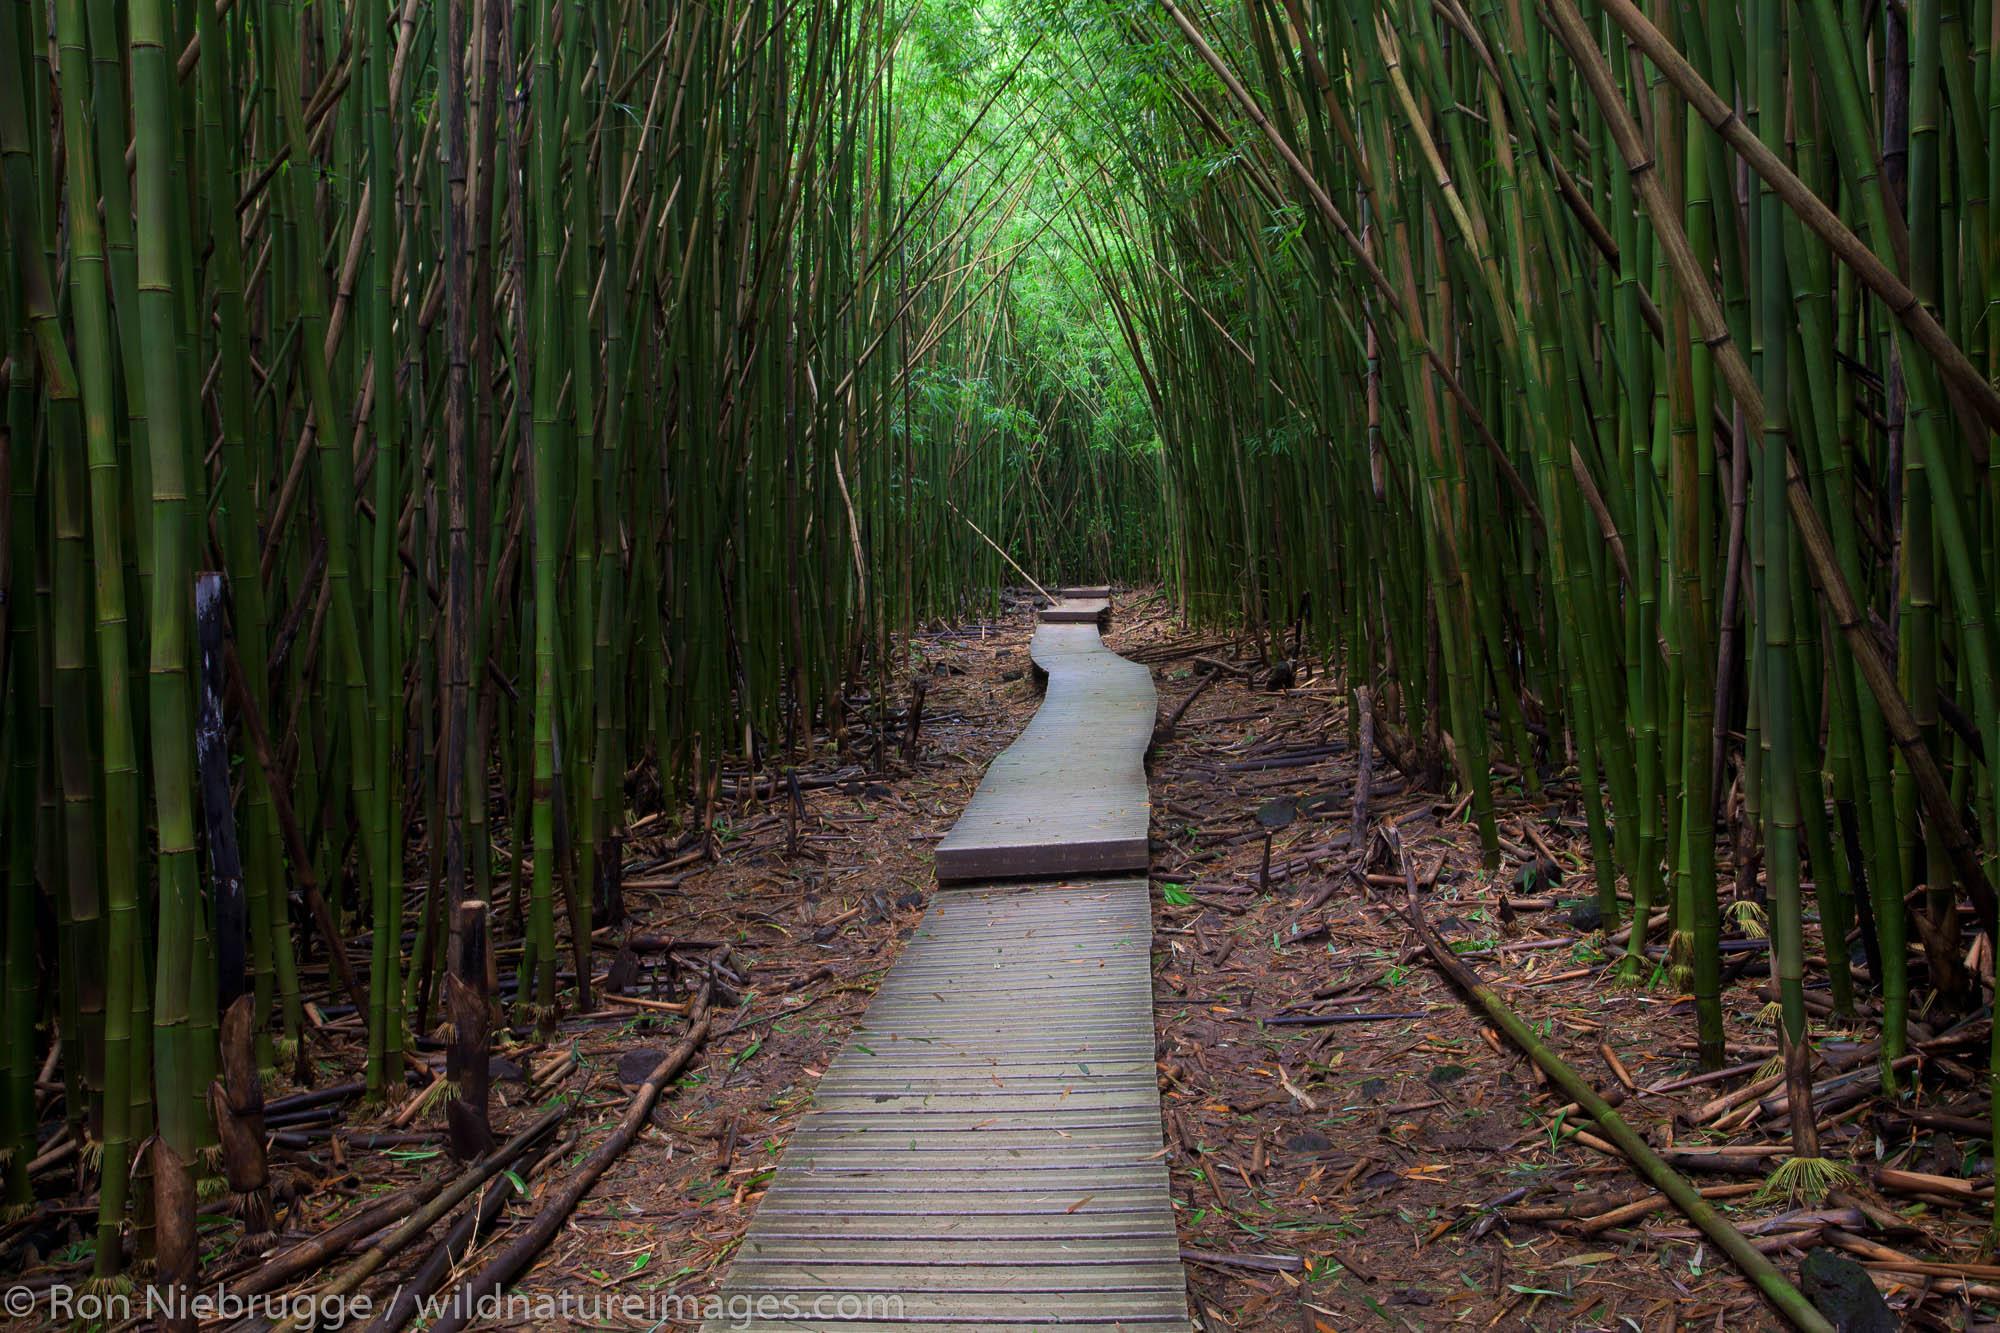 Bamboo forest along the Pipiwai Trail above the Ohe'o Gulch - aka Seven Sacred Pools, Haleakala National Park, near Hana, Maui...